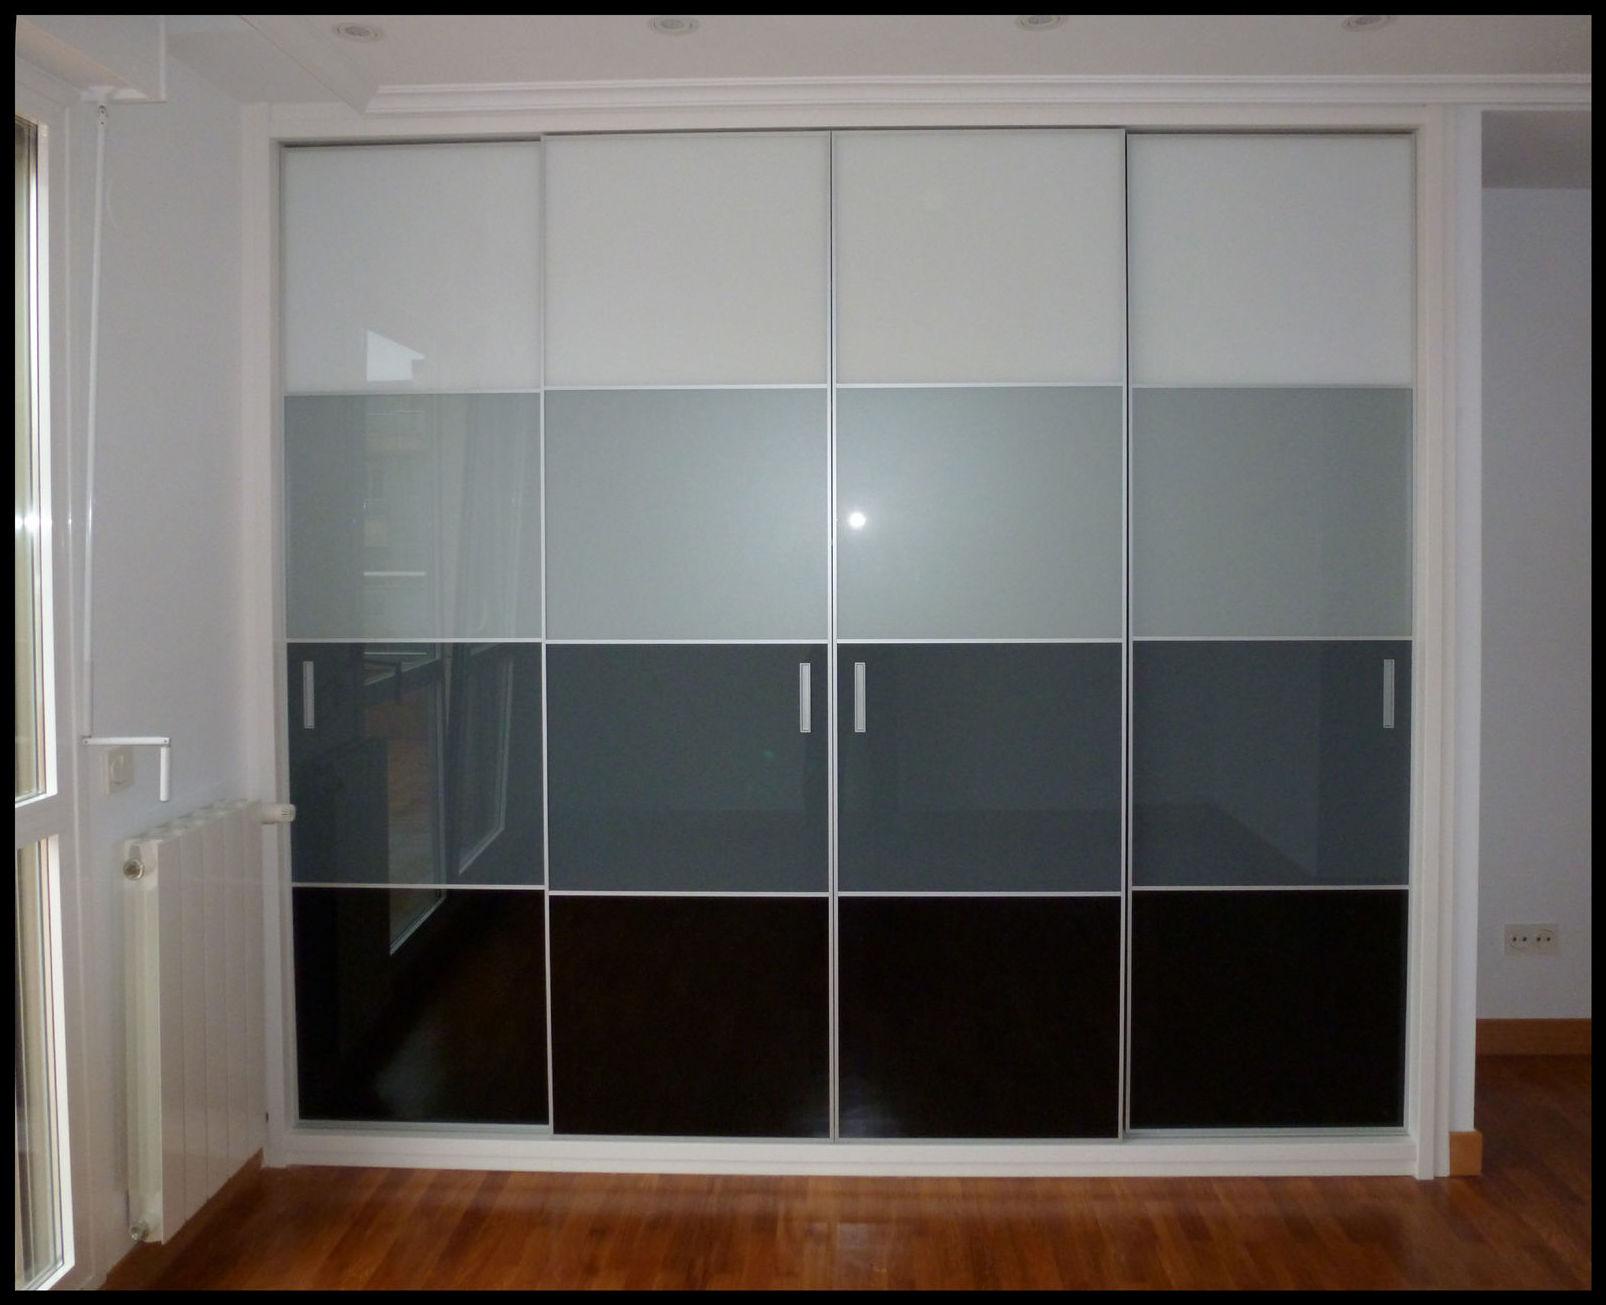 Armarios con frente de cristal espejo - Armarios con puertas de cristal ...